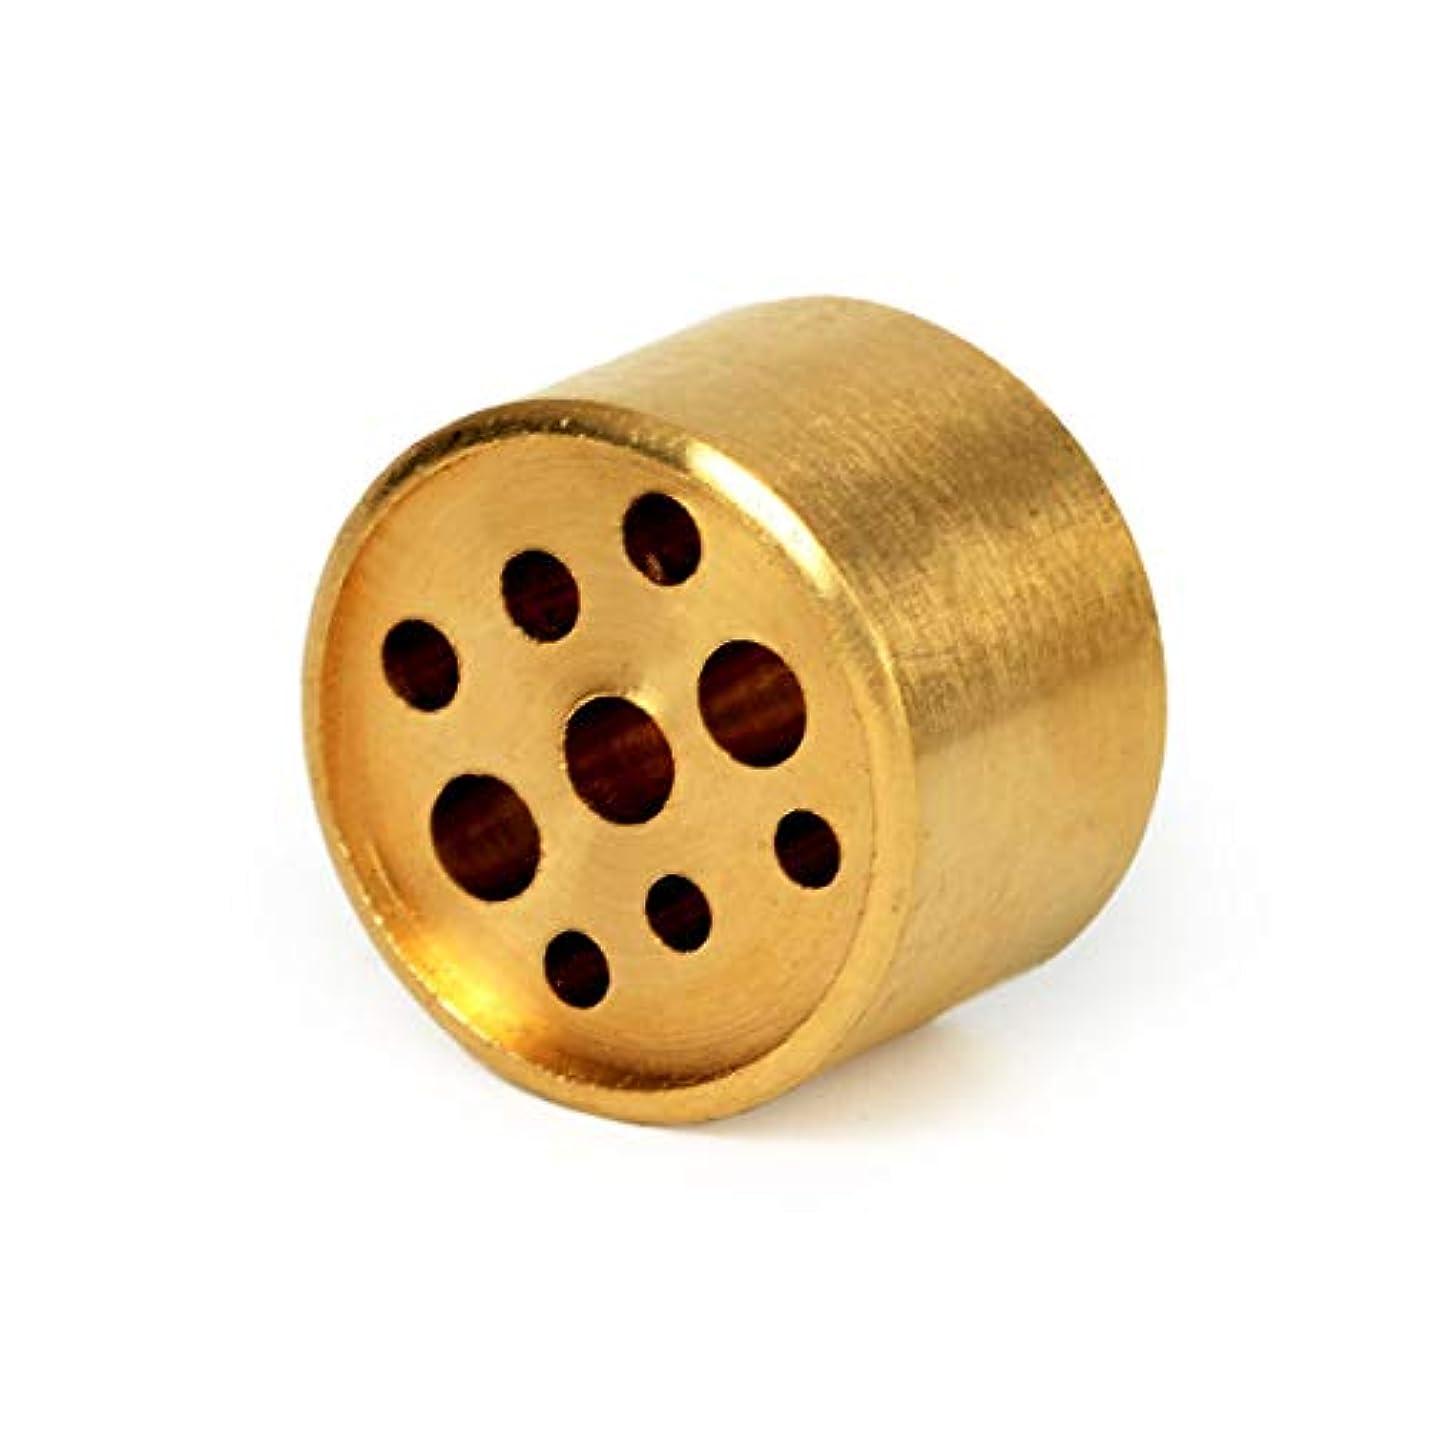 占める我慢するピジンAFZSHG 純銅 9穴 小さなお香スティックホルダー 色あせなし 1.2オンス (34g)